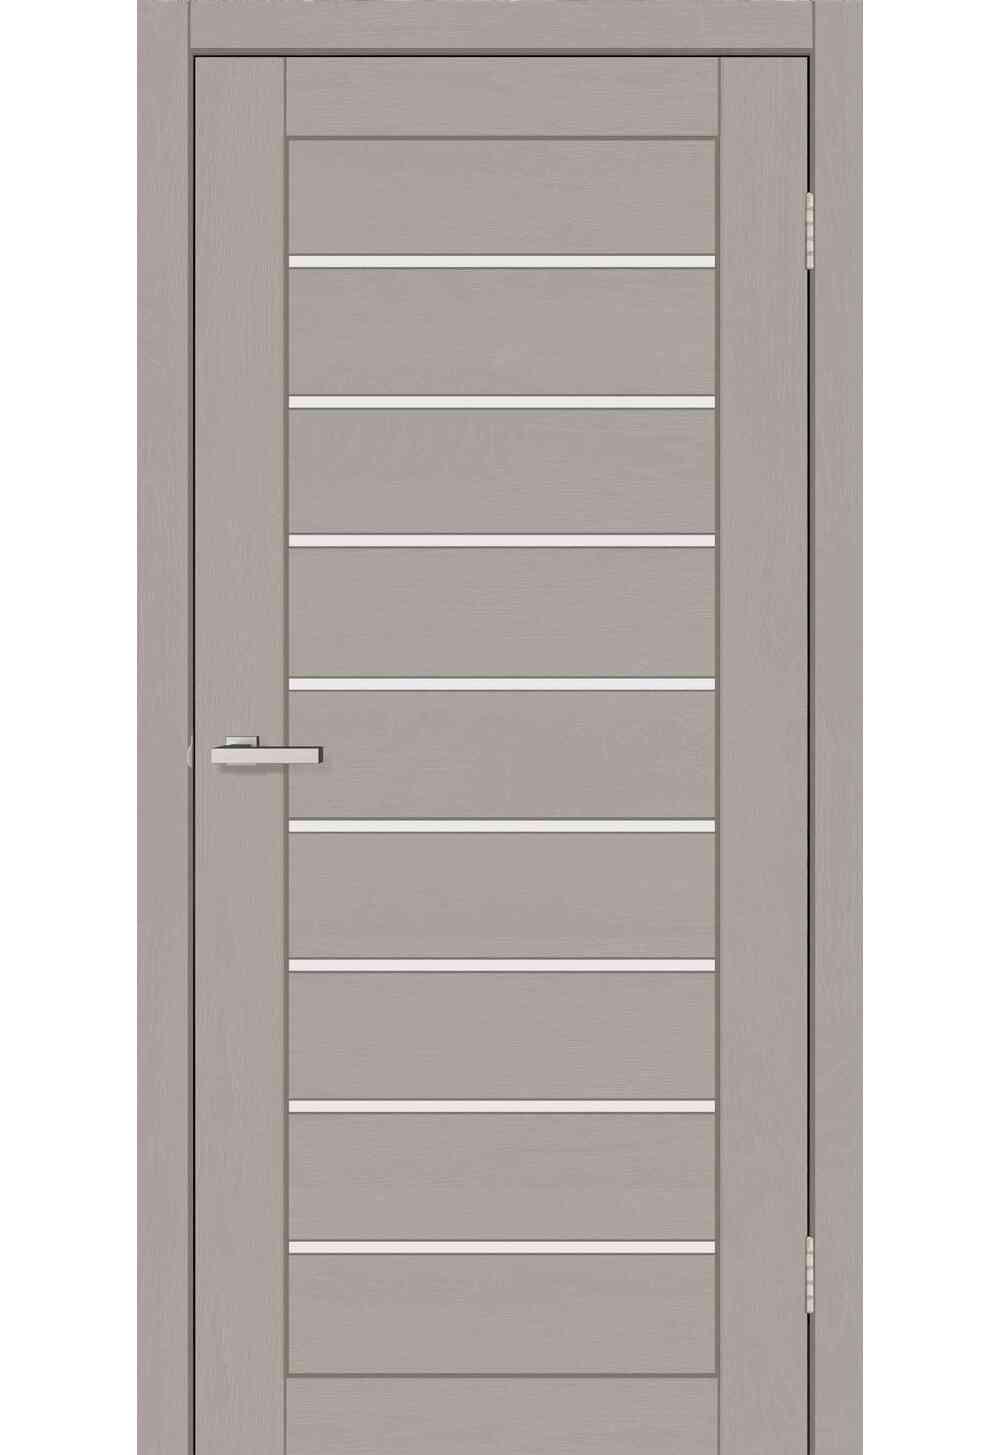 Купити Двері міжкімнатні DOORS Смарт С018G Дуб мерсо (ПВХ), 600x2000